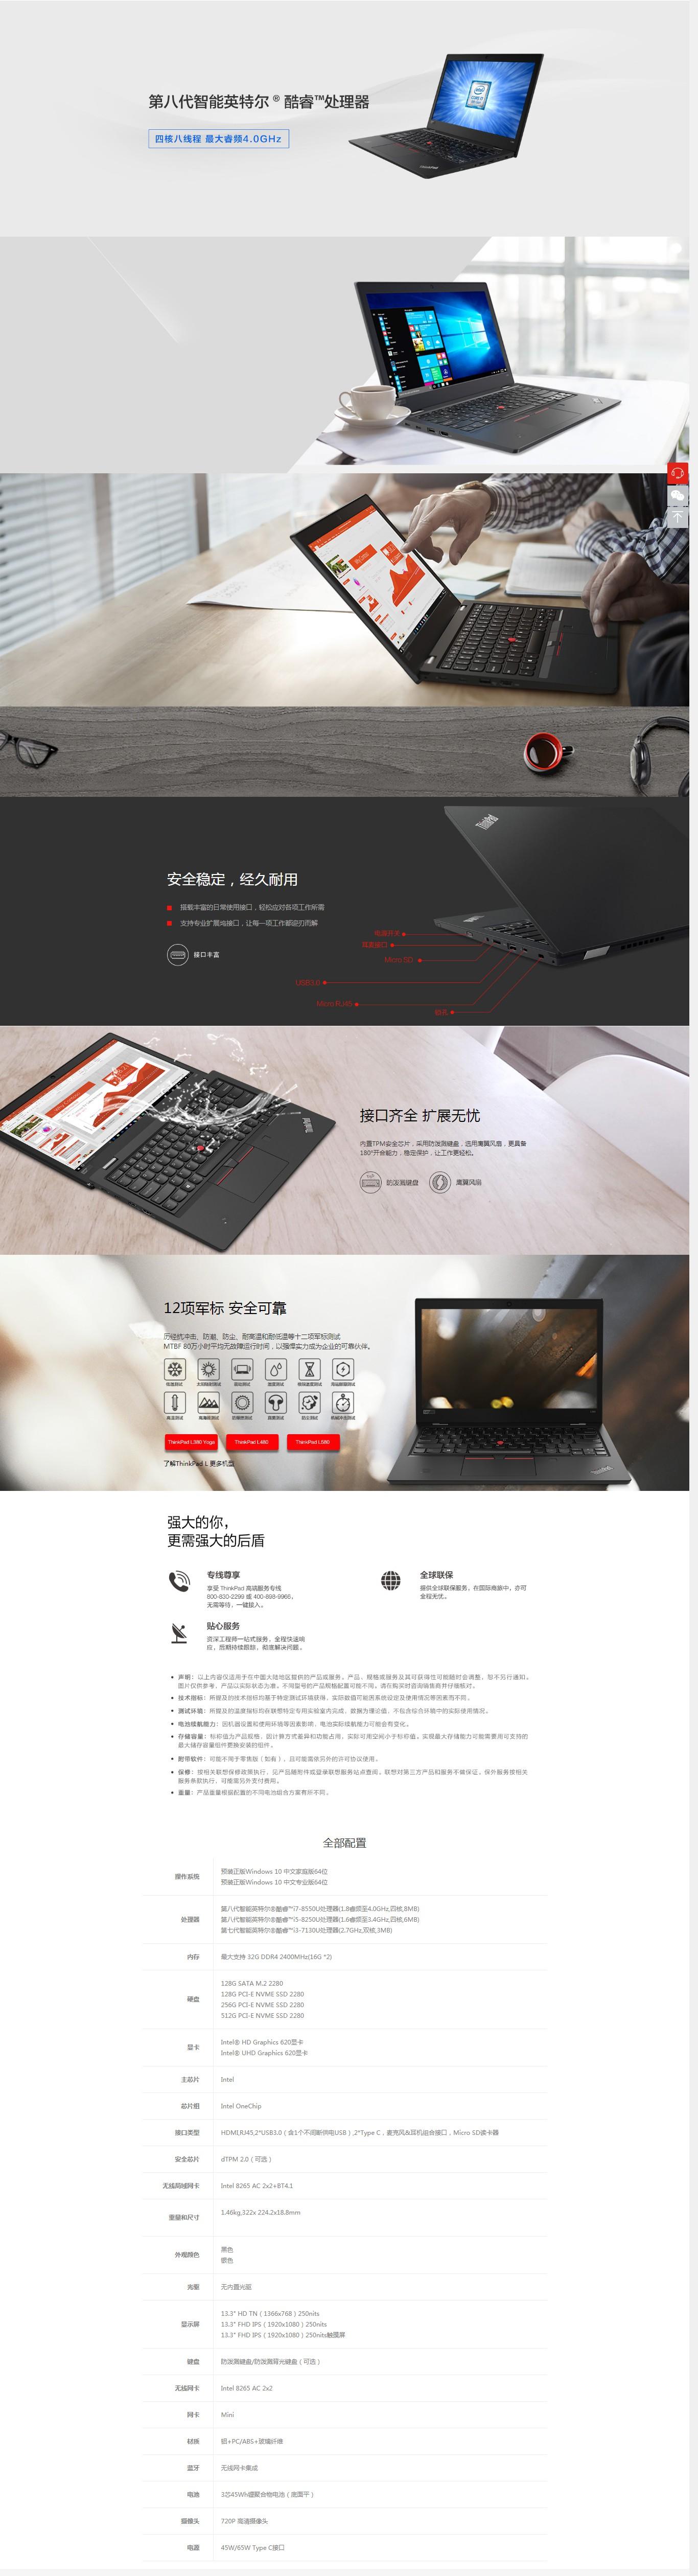 万博全站客户端ThinkPad L380笔记本-万博全站客户端ThinkPad笔记本-万博全站客户端中国(Lenovo China_WPS图片.jpg